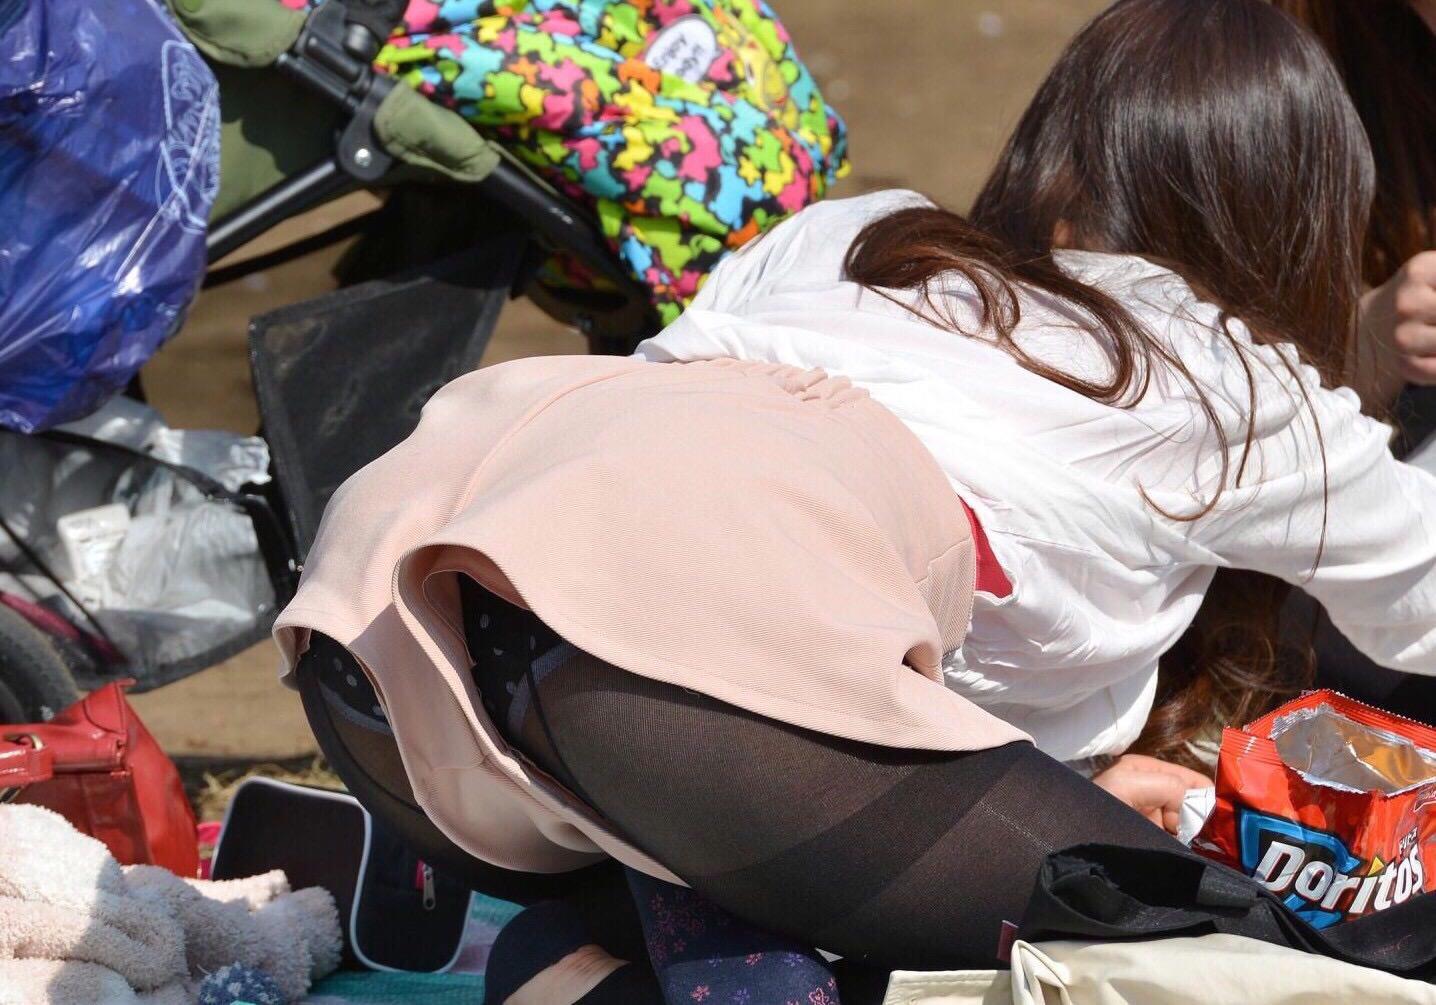 お姉さんが履くストッキングは黒とベージュどっちが好き?????? zb1NfEv